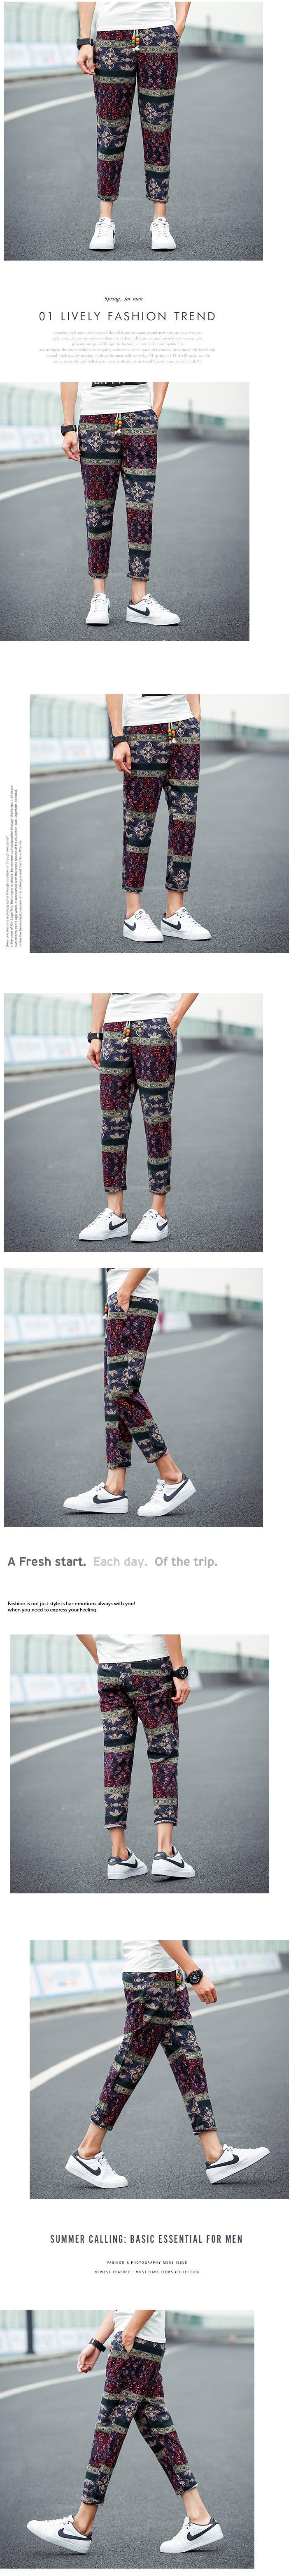 รองเท้าชาย  กางเกงขายาวลายย้อนยุคแฟชั่น